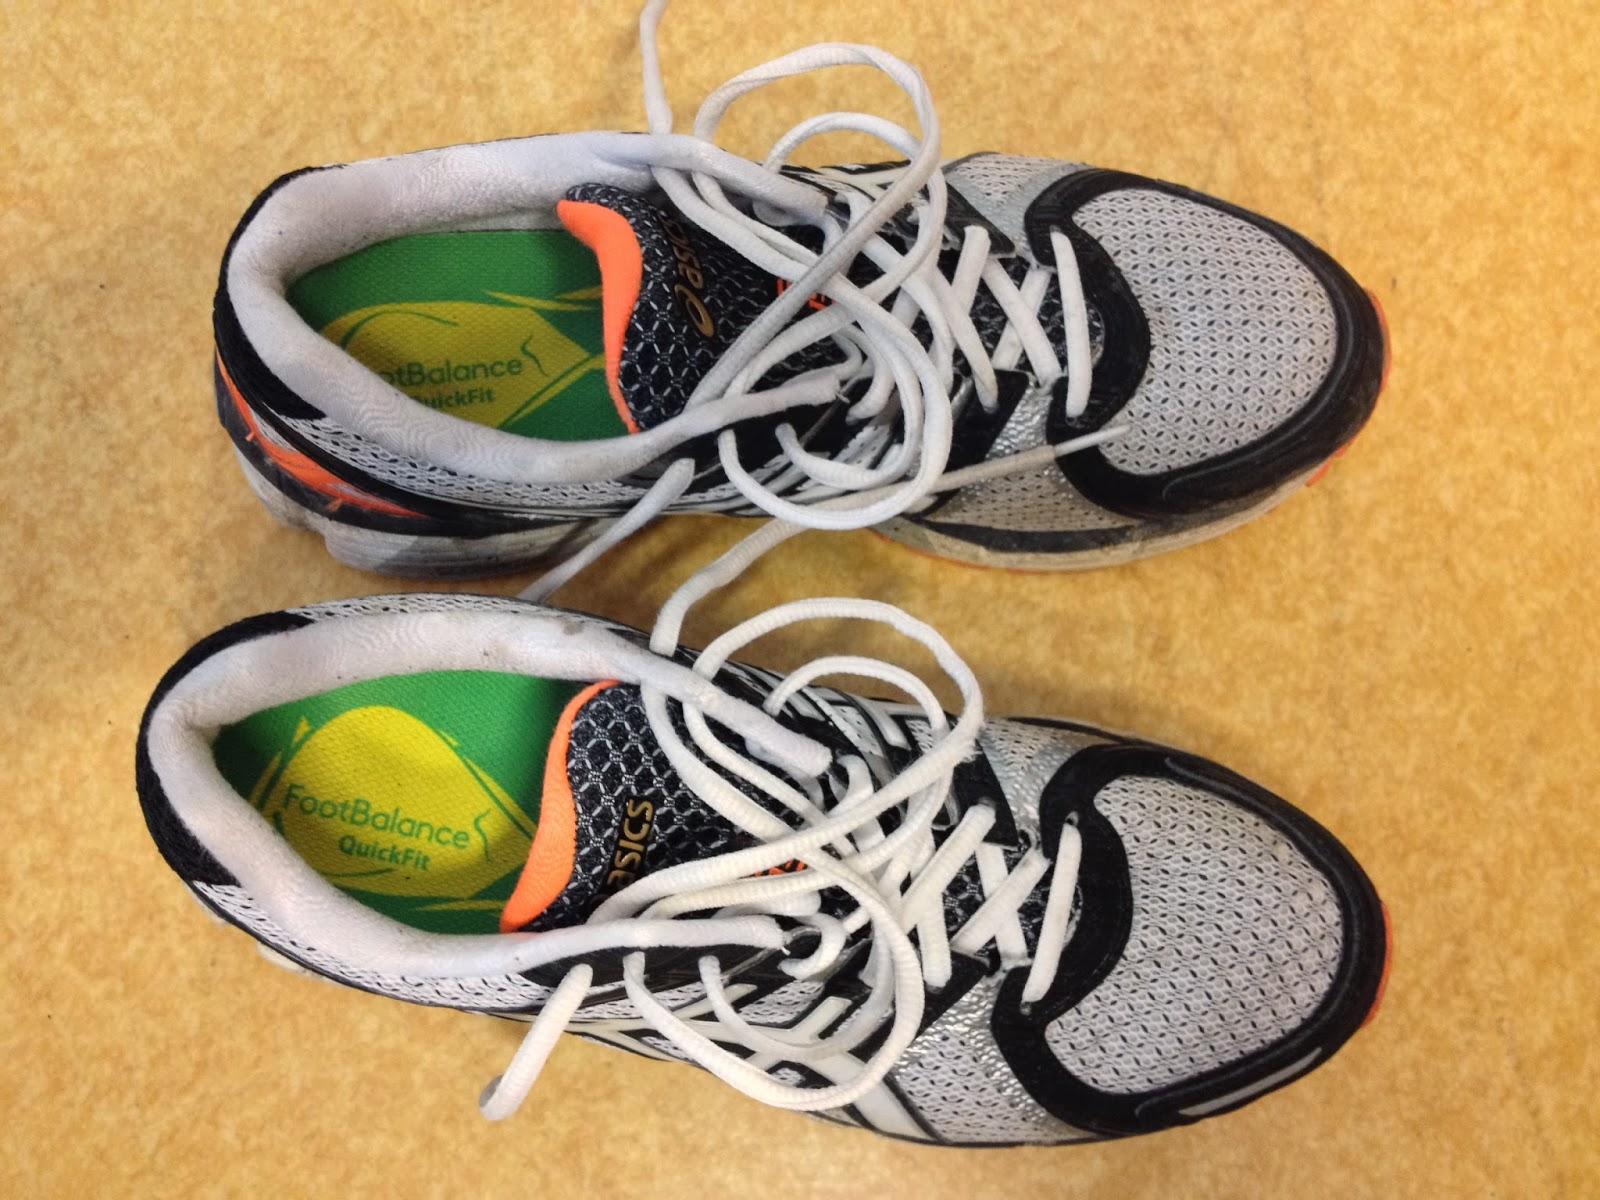 Efter uppvärmningen skulle sulorna stoppas ner i skorna och formas efter  fötterna under en promenad på ca 5 min. På det stora hela var det ganska  enkelt att ... f2e3101fd9c96